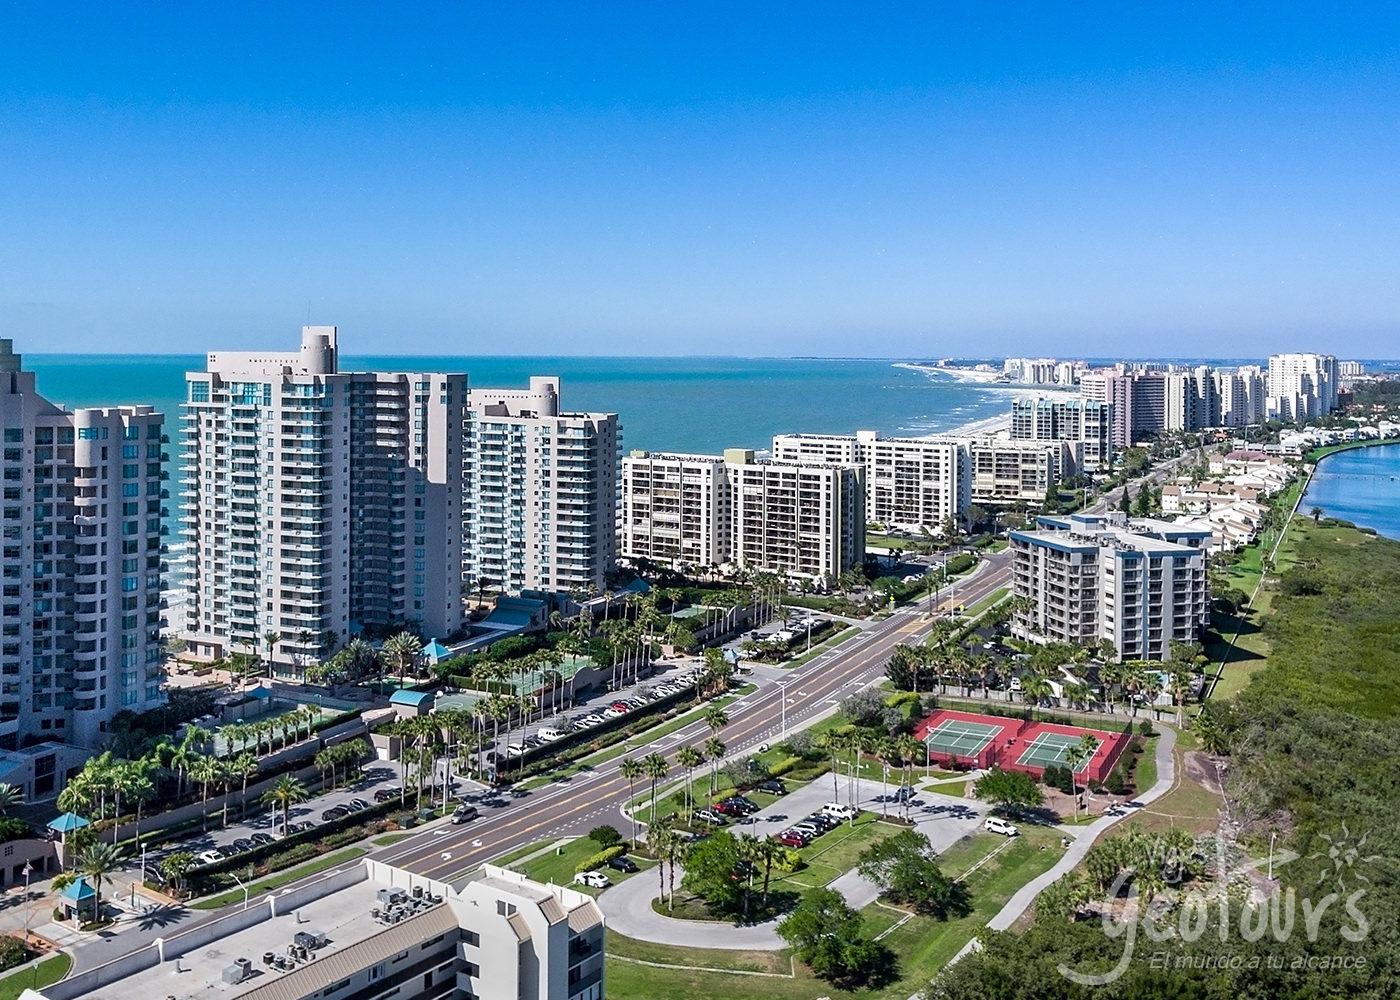 Viajes a lo Mejor de Miami y Orlando 8 dias